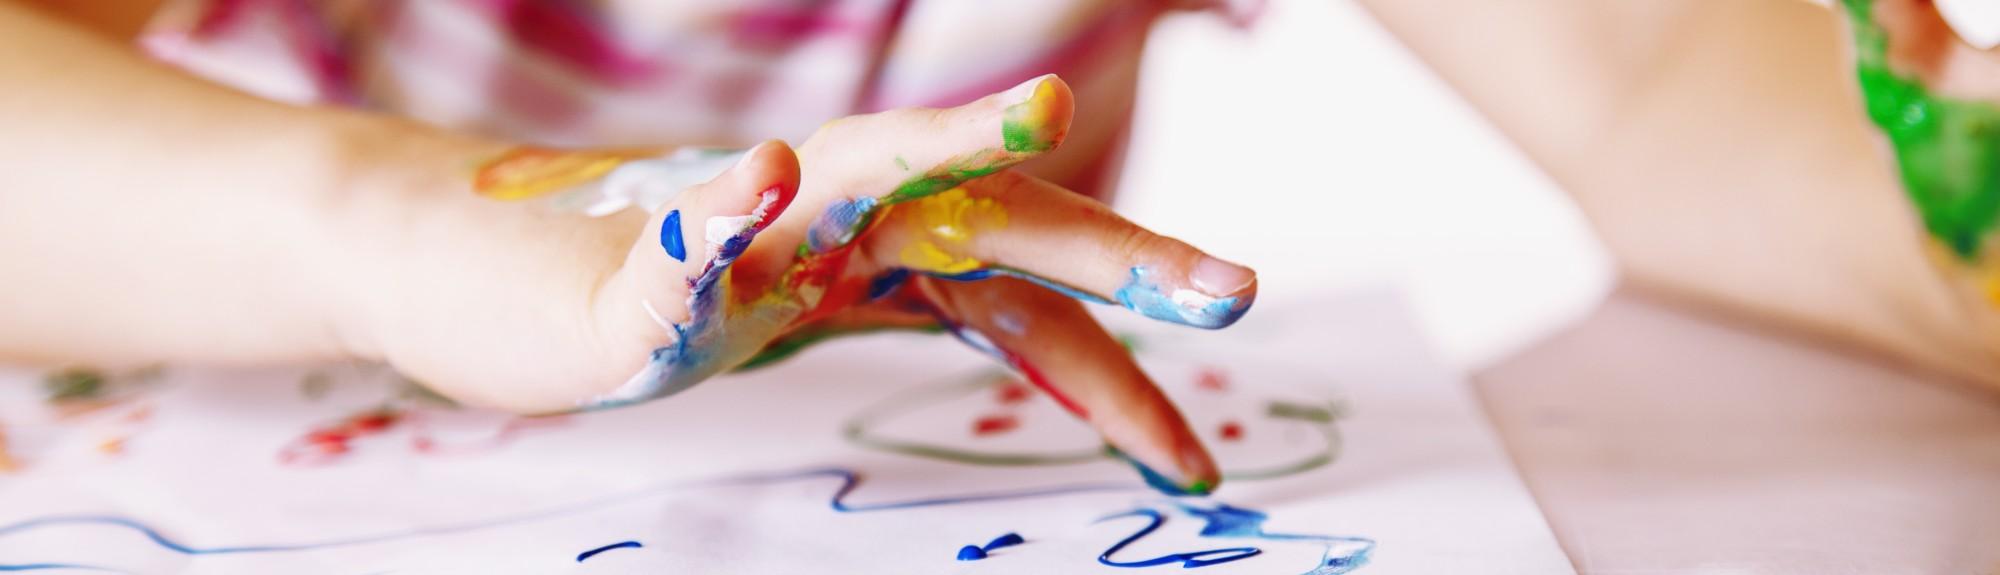 Pädiatrie Titelbild - Kreatives und handwerkliches Arbeiten